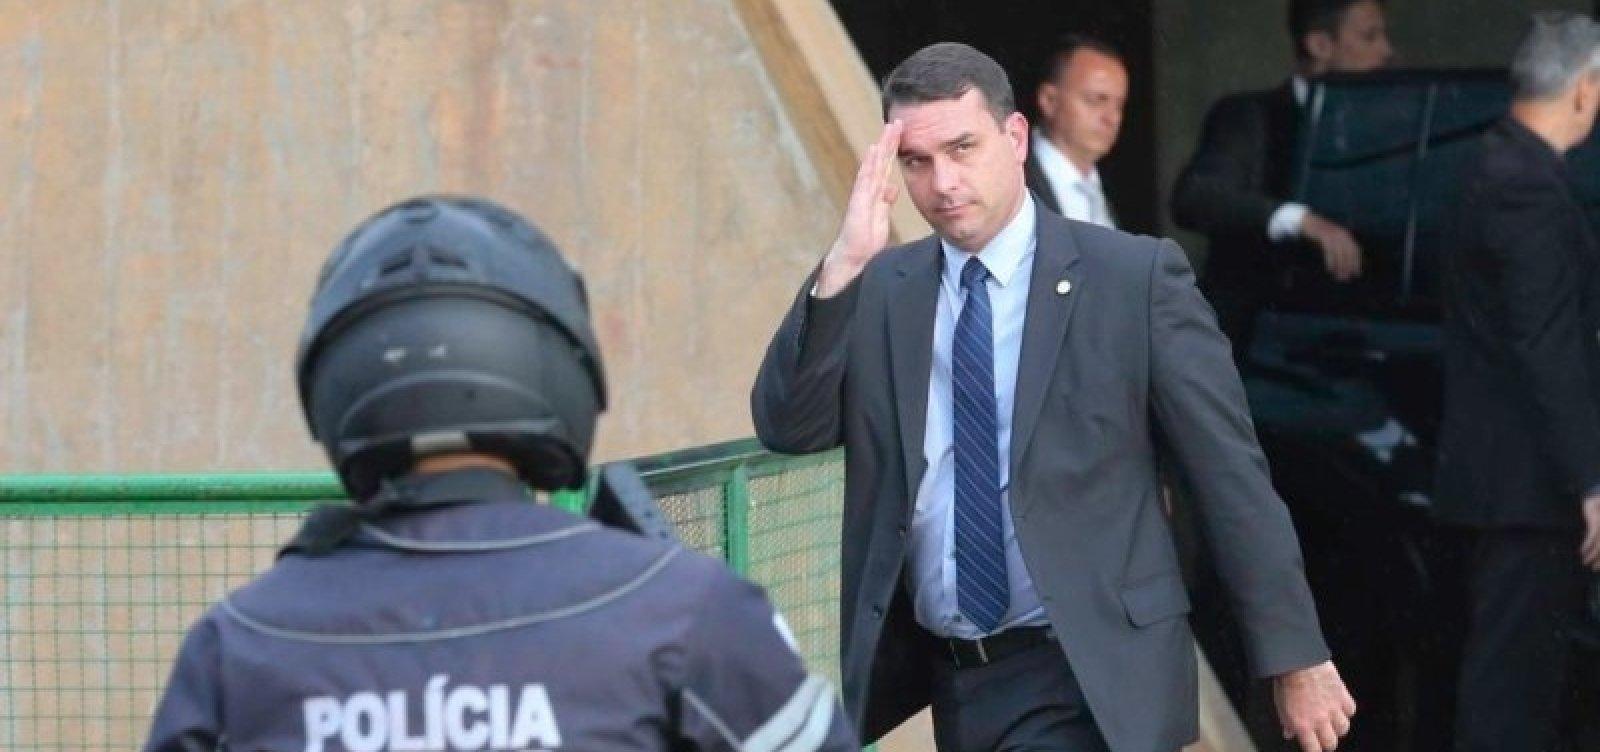 [Polícia Federal vai investigar relato sobre vazamento de operação a Flávio Bolsonaro]